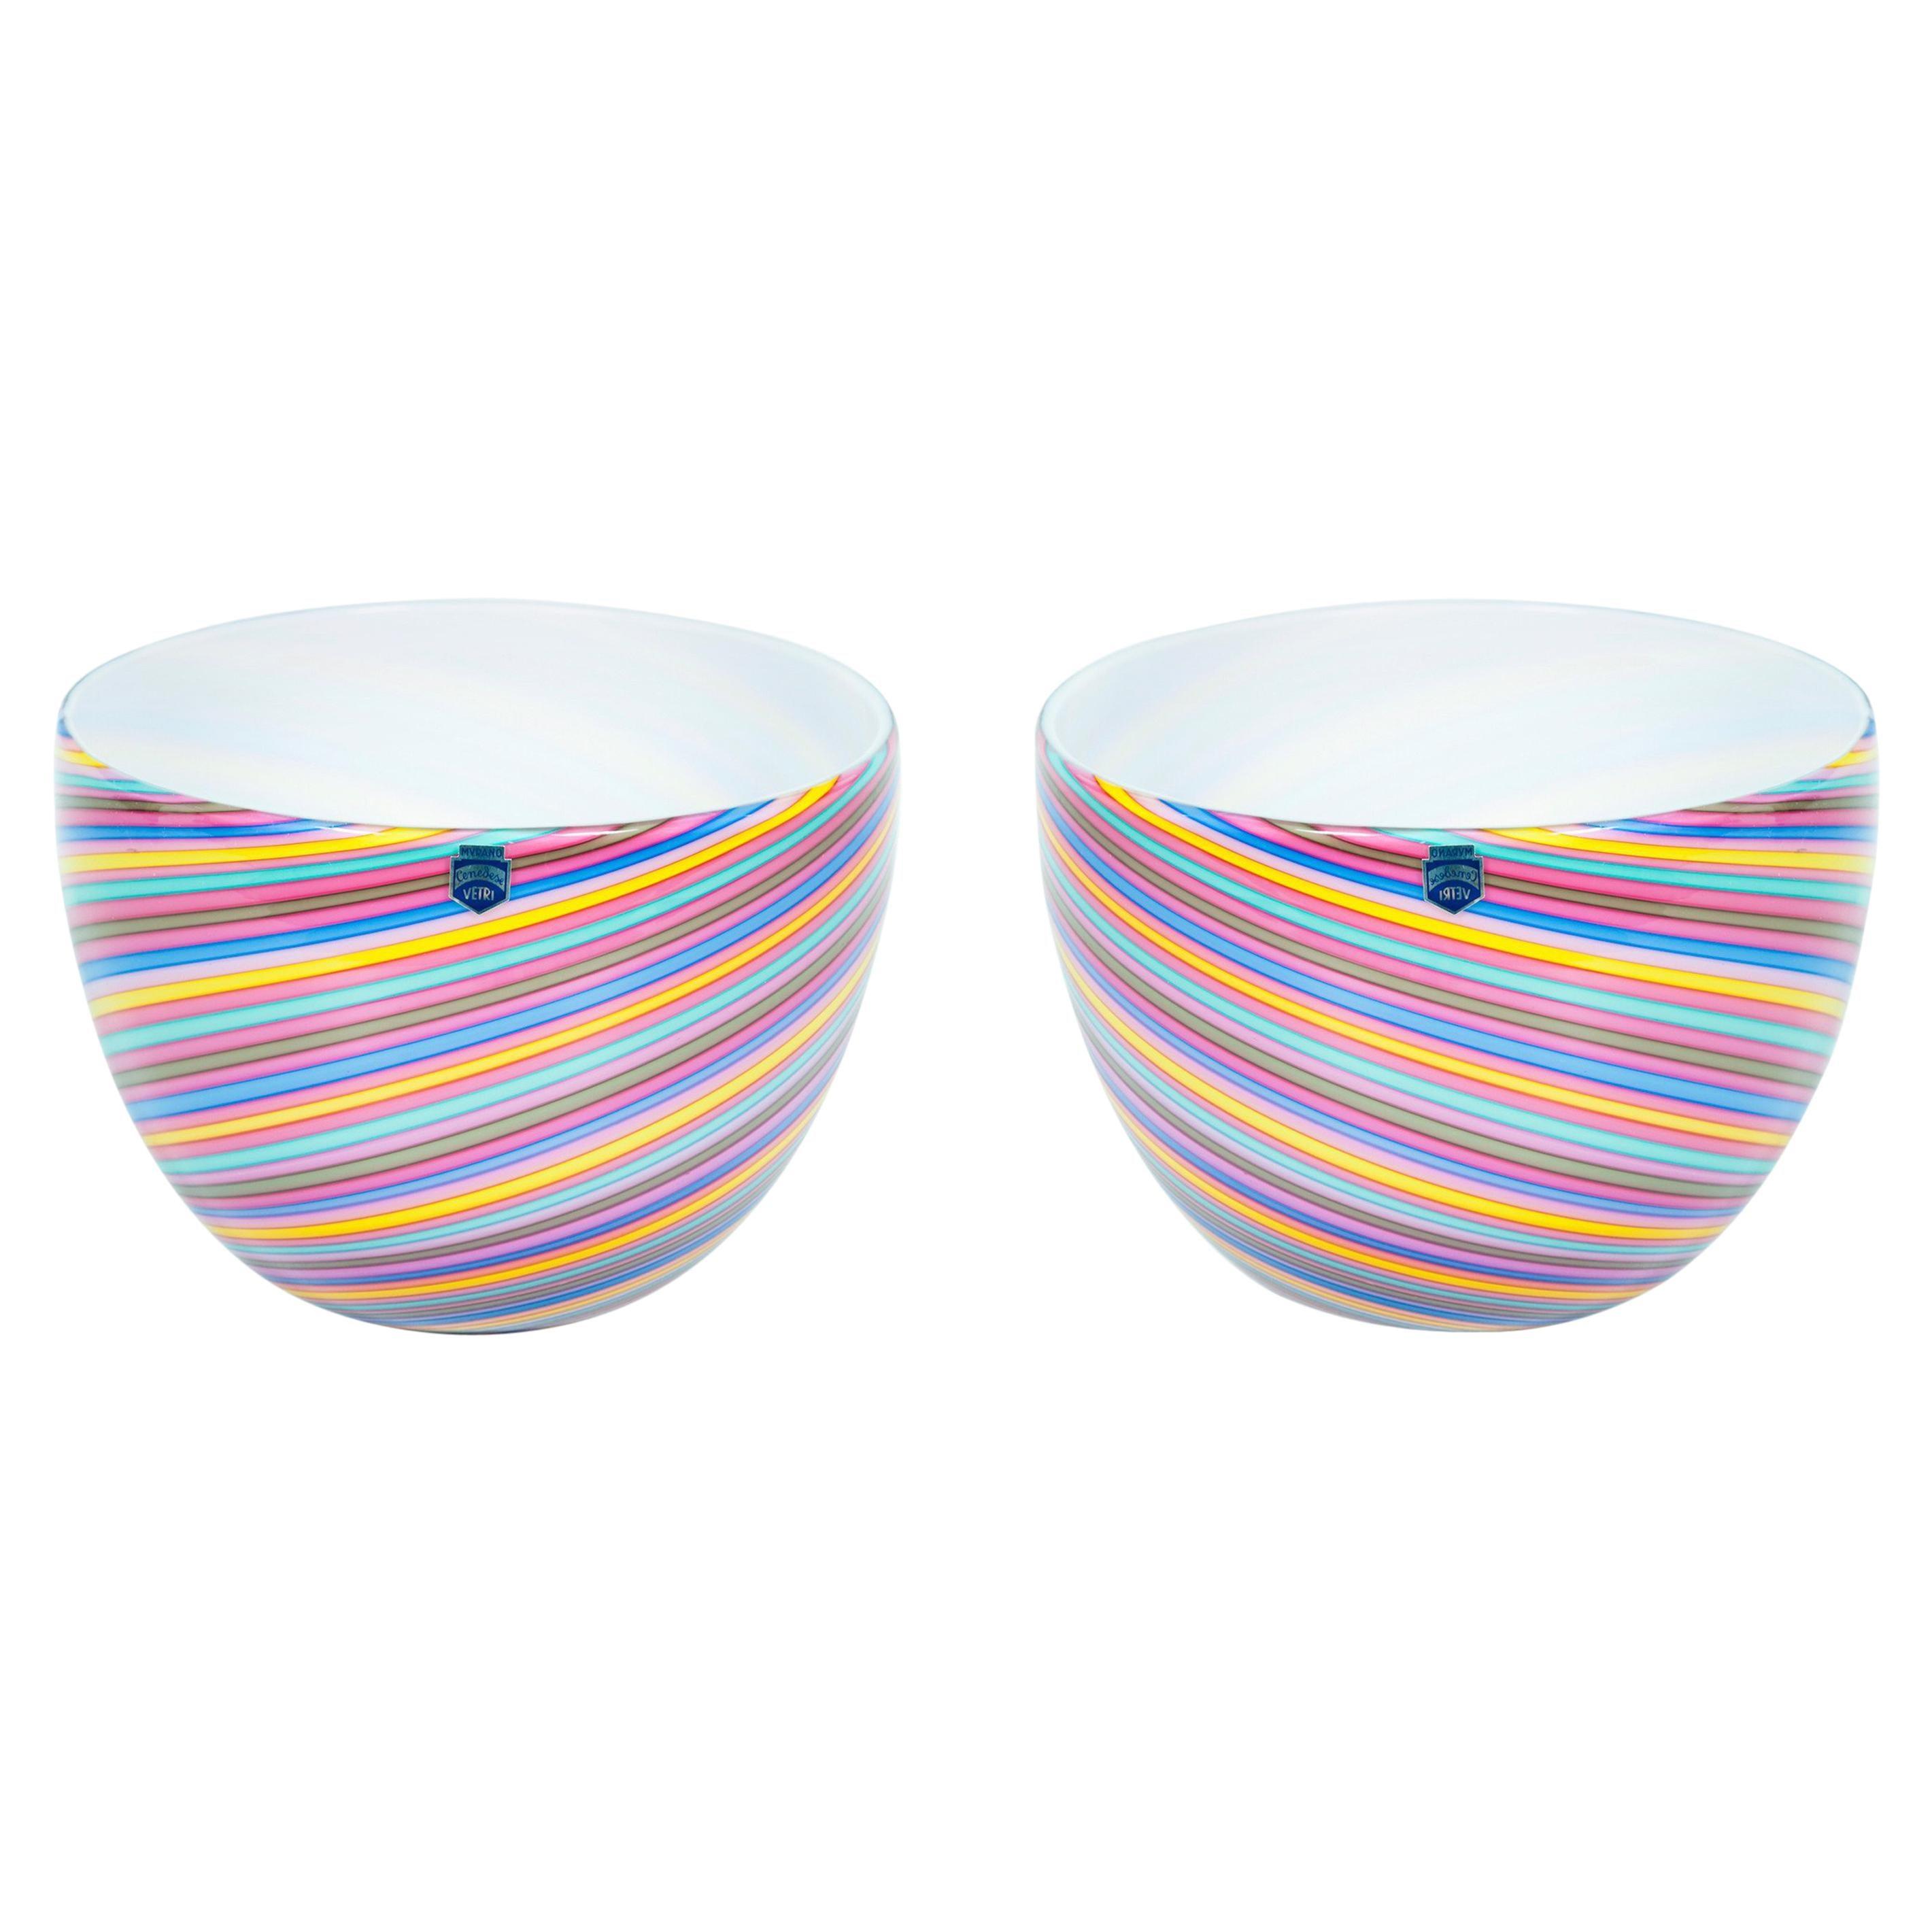 Pair of Italian Venetian Blown Murano Glass Bowls Pink Rainbow, Cenedese, 1970s